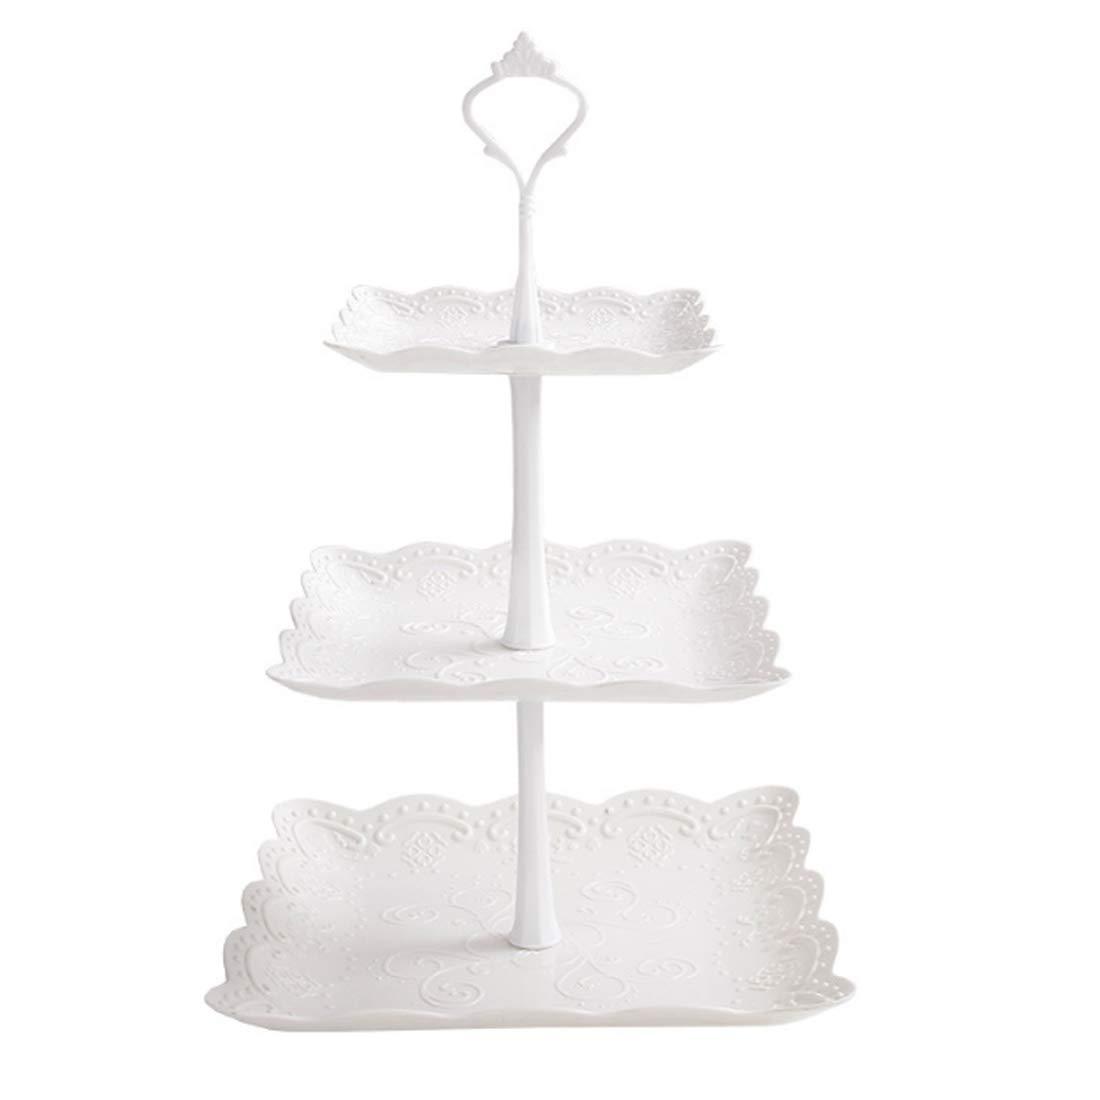 WOLFBUSH ケーキスタンド 3段 正方形 サービングトレイ 積み重ね パーティー カップケーキ デザートタワー 正方形 ホワイト   B07GP98L2X